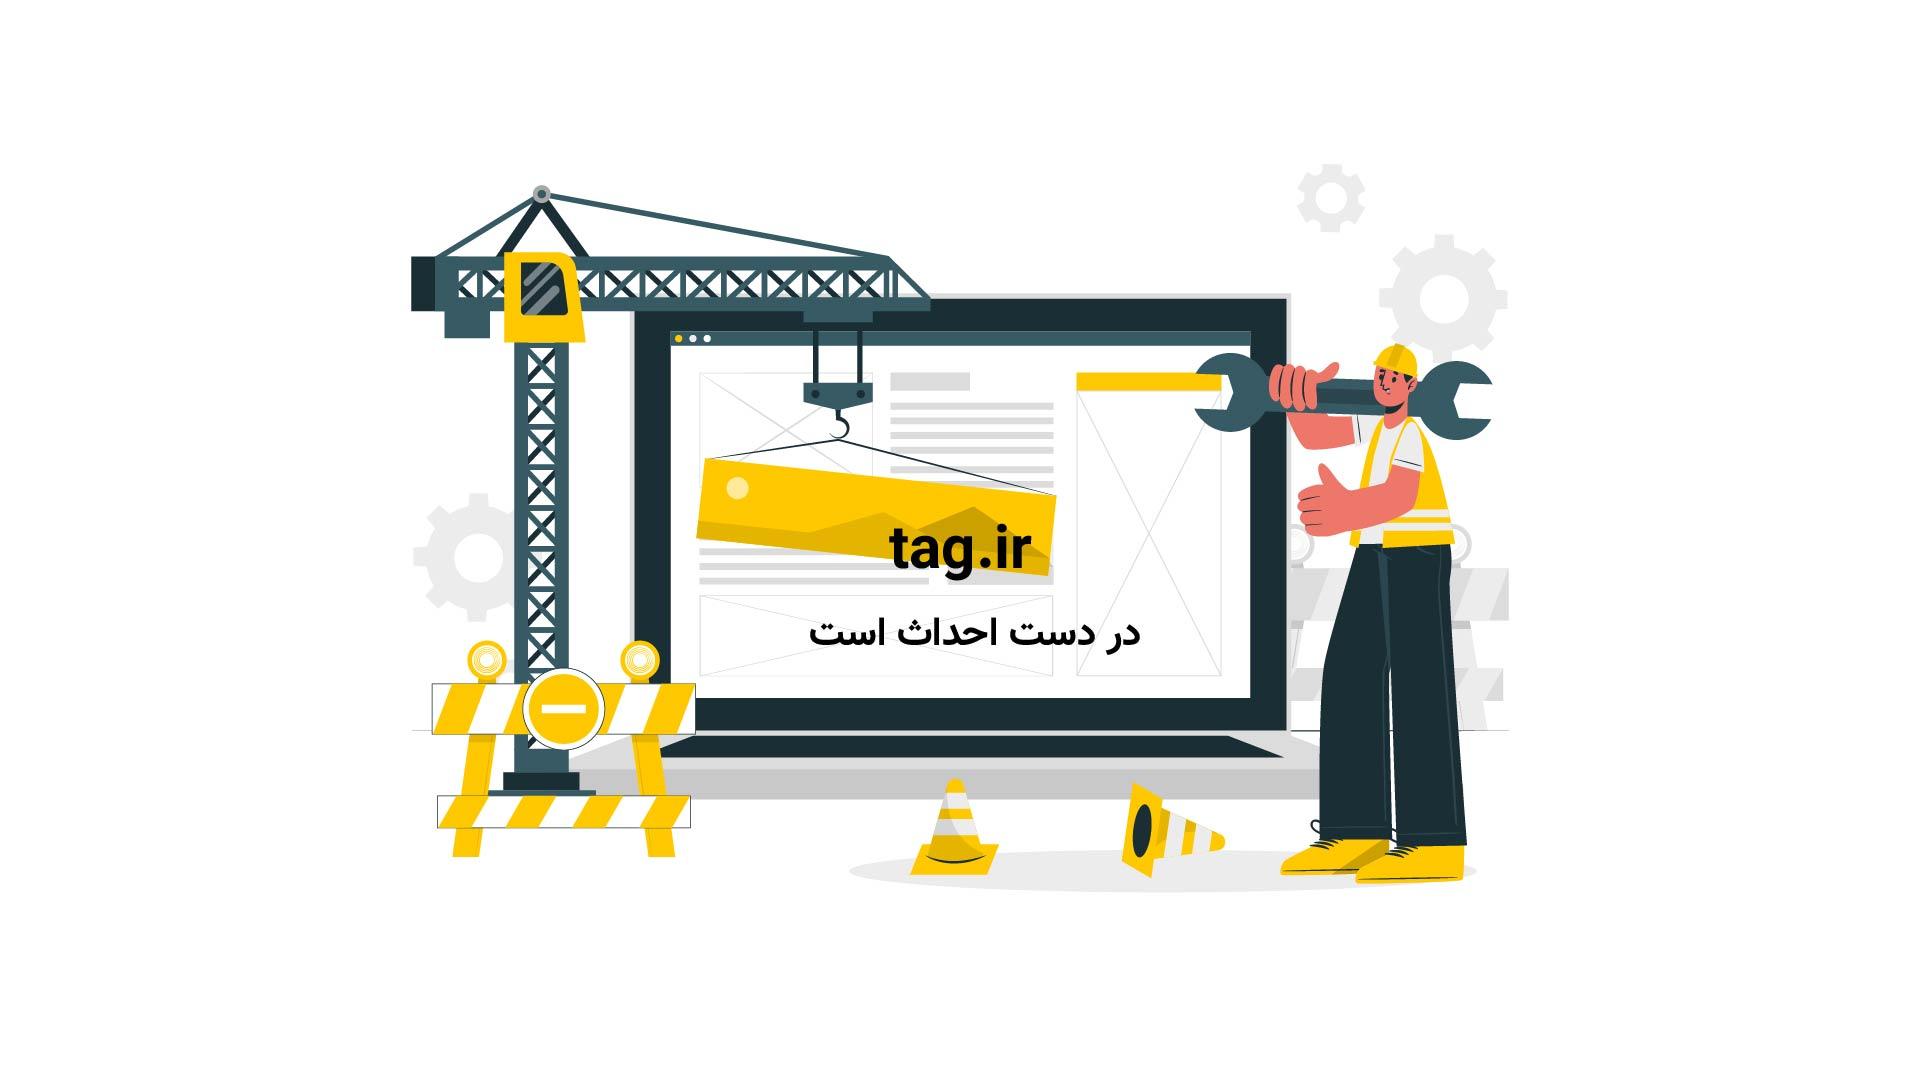 آب-و-هوای-کشور | تگ